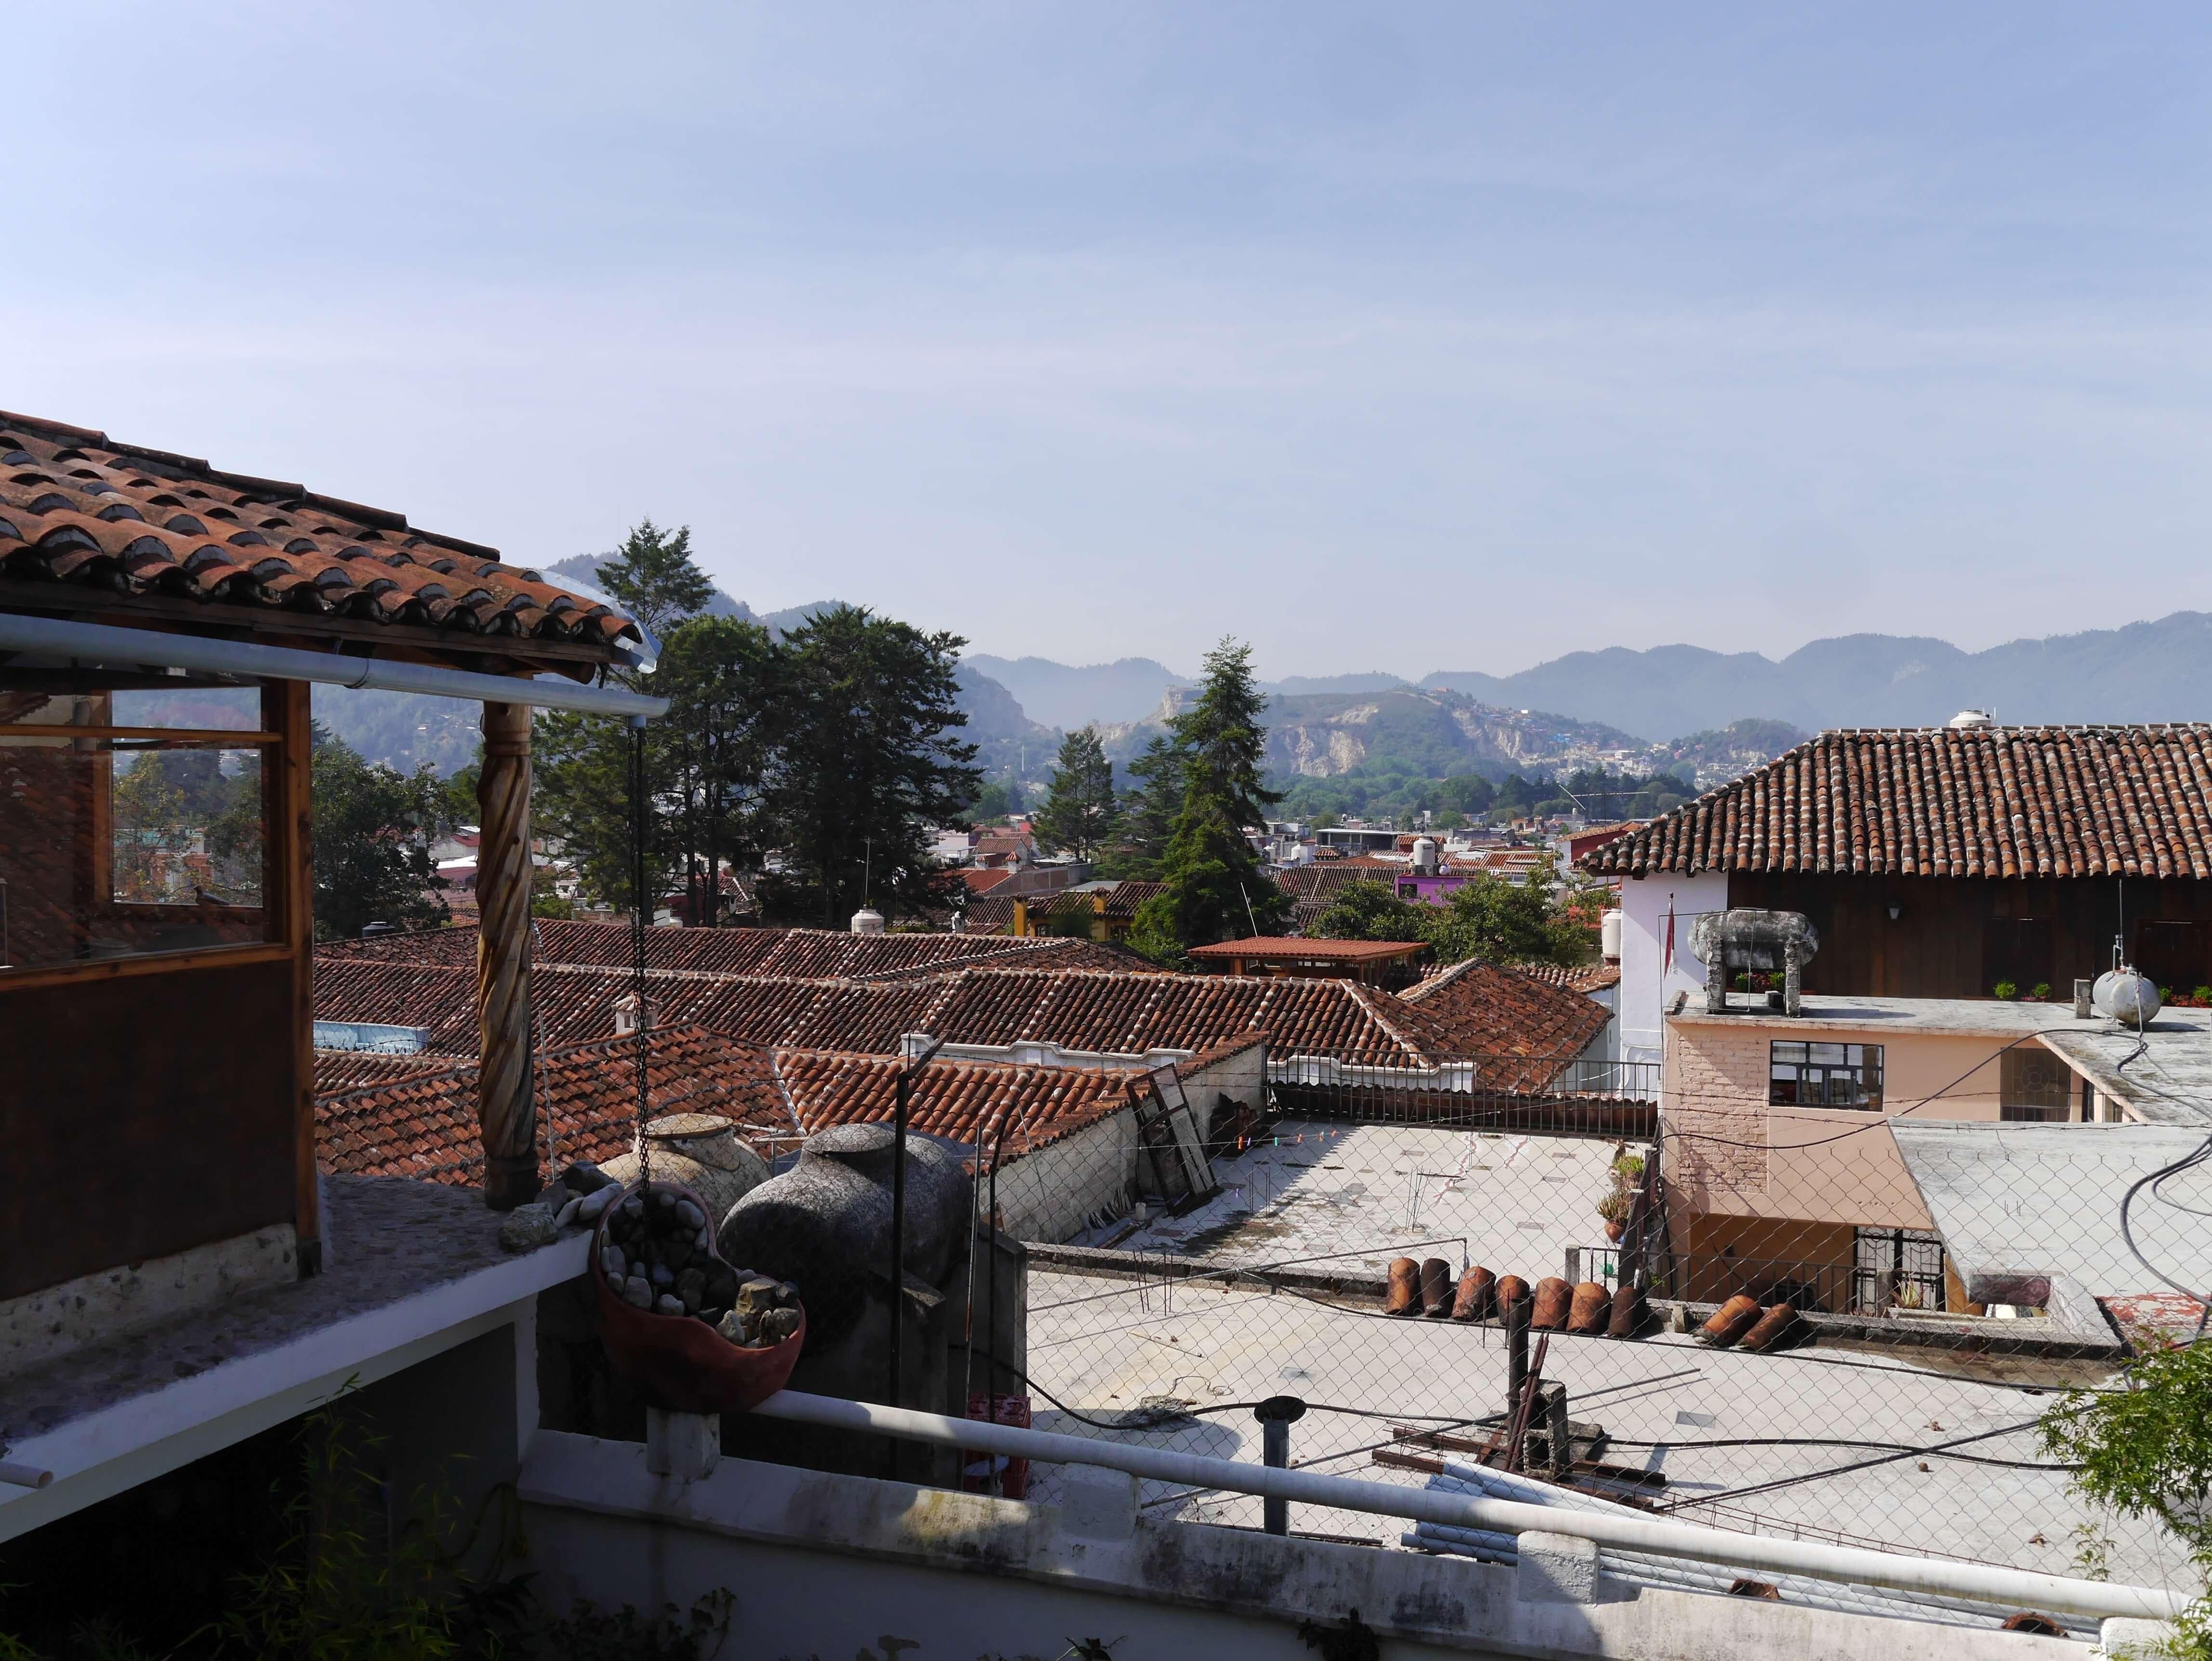 San-Cristobal-roofs-tiles-hills-sky